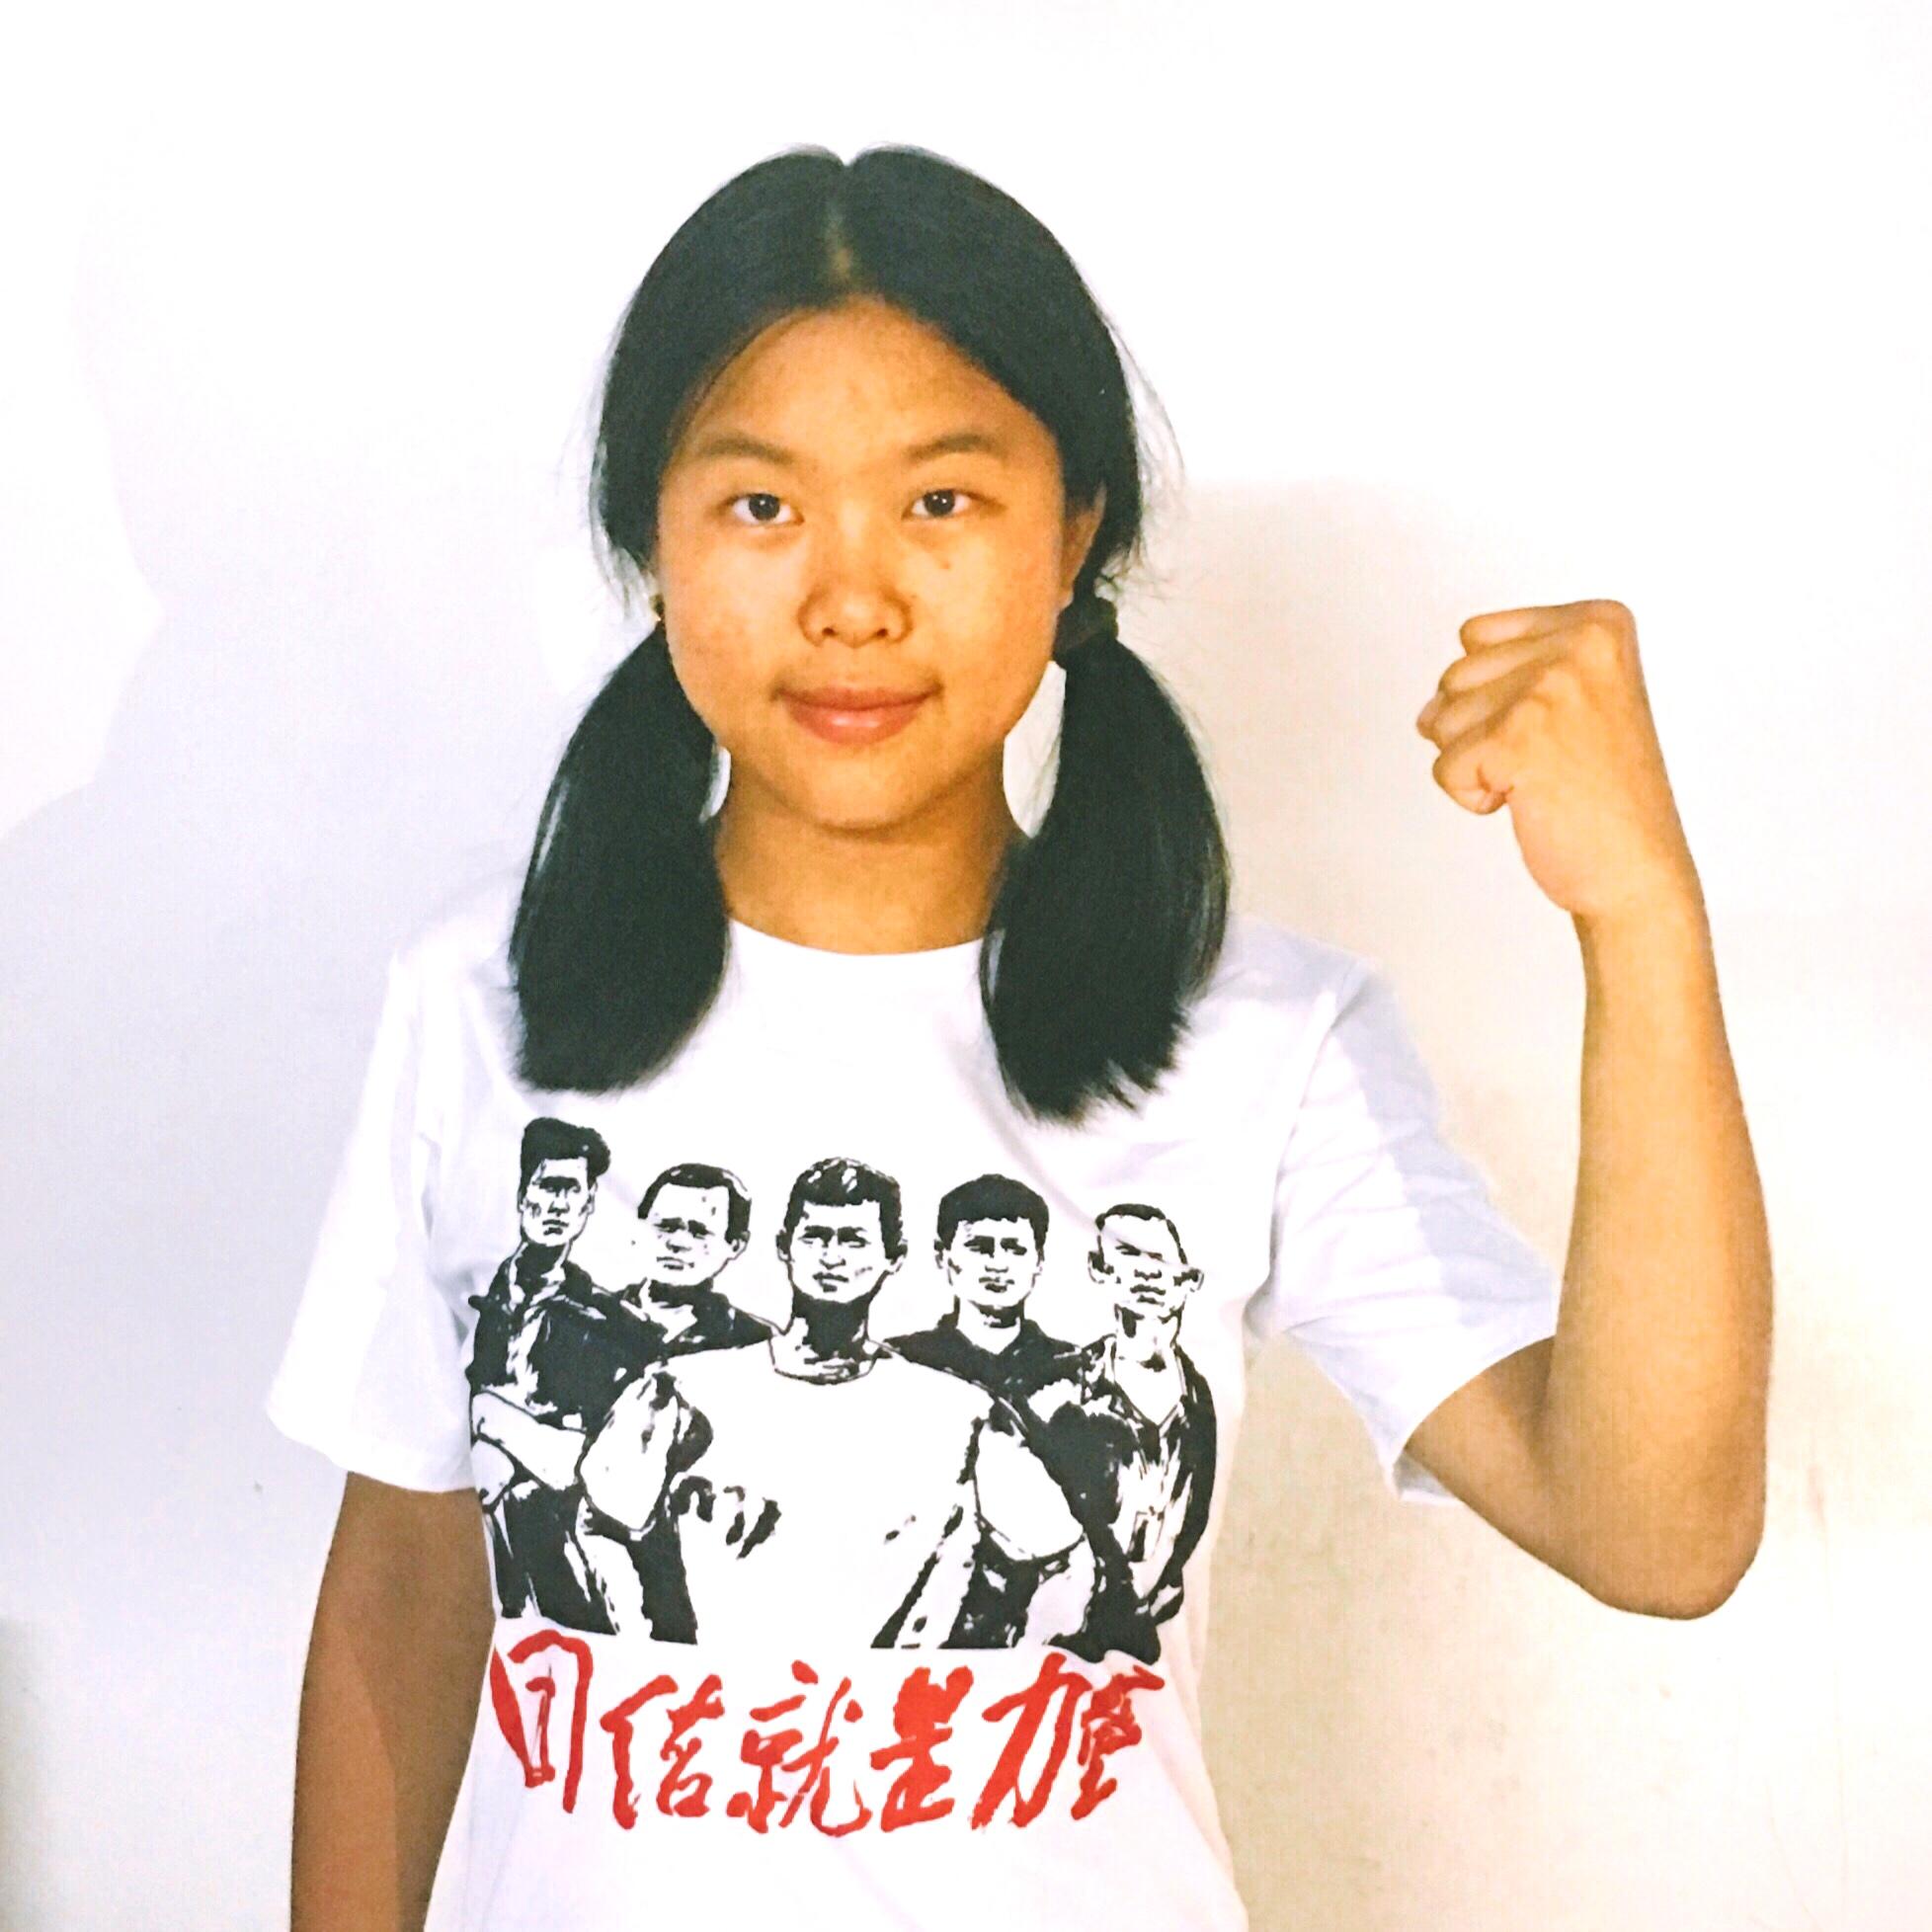 【CDTV】文昭 | 深圳工人运动风激云荡的一喜两忧